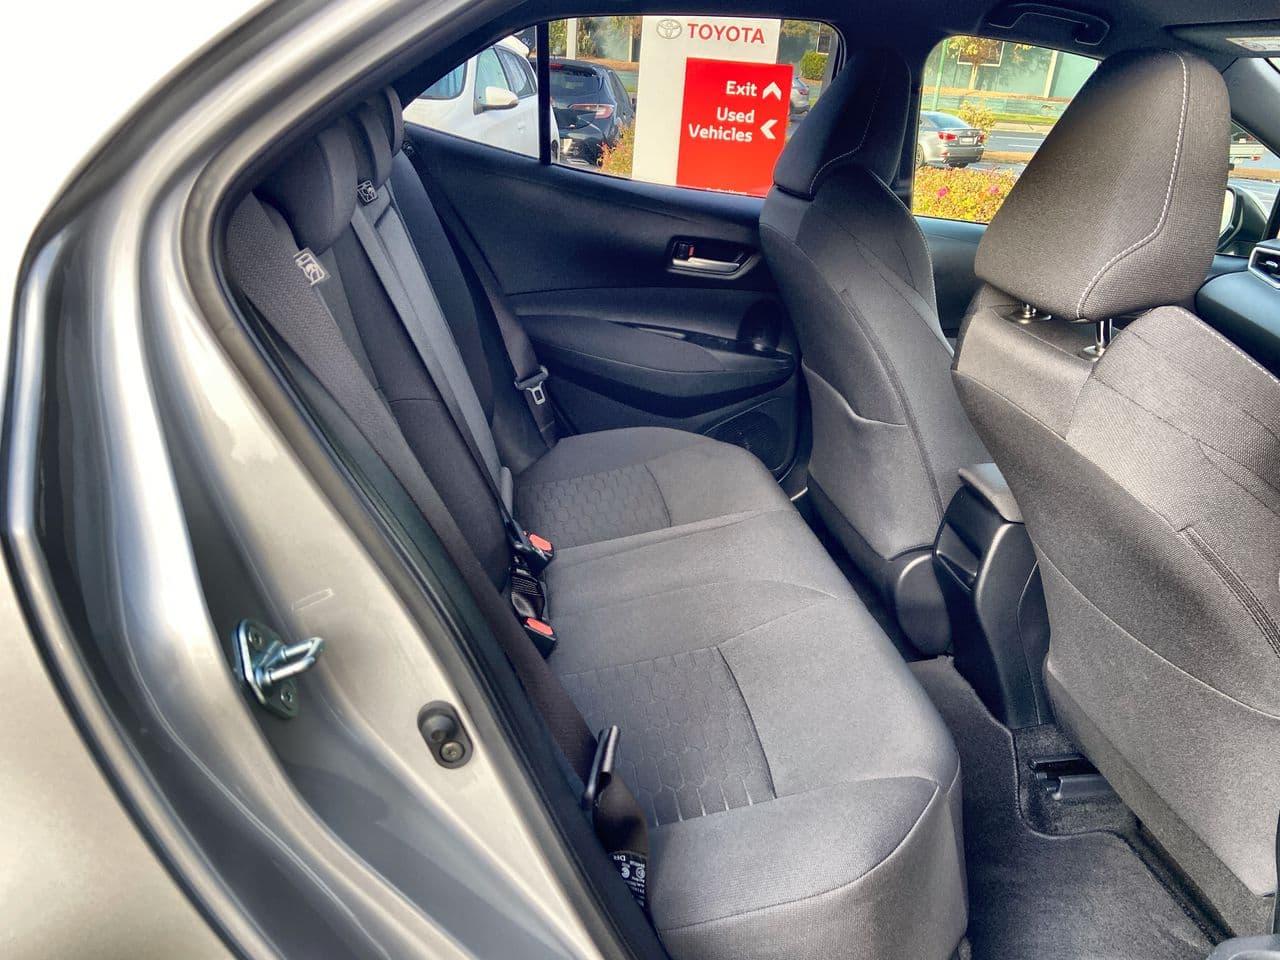 2018 Toyota Corolla SX Auto - image 17